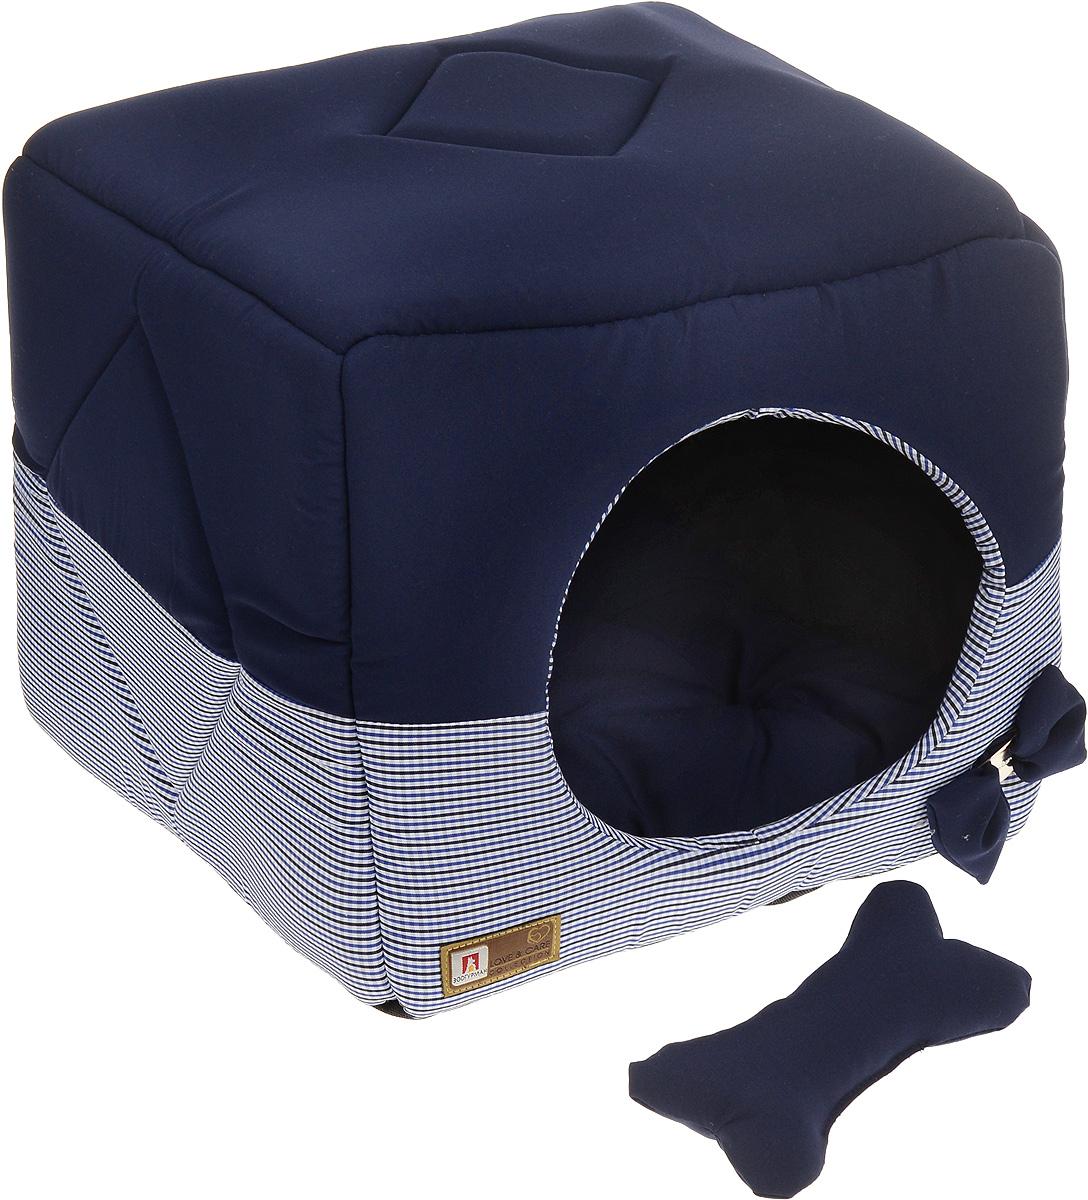 Лежак для собак и кошек Зоогурман Домосед, цвет: темно-синий, белый, 45 х 45 х 45 см1949_синийОригинальный и мягкий лежак для кошек и собак Зоогурман Домосед обязательно понравится вашему питомцу. Лежак выполнен из приятного материала. Уникальная конструкция лежака имеет два варианта использования: - лежанка с высокими бортиками и мягкой внутренней подушкой; - закрытый домик с мягкой подушкой внутри. Универсальный лежак-трансформер подарит вашему питомцу ощущение уюта и комфорта. В комплекте со съемной подушкой мягкая игрушка косточка. За изделием легко ухаживать, можно стирать вручную или в стиральной машине при температуре 40°С. Наполнитель: гипоаллергенное синтетическое волокно. Наполнитель матрасика: шерсть. Размер домика: 45 х 45 х 45 см. Размер лежанки: 45 х 45 х 20 см.